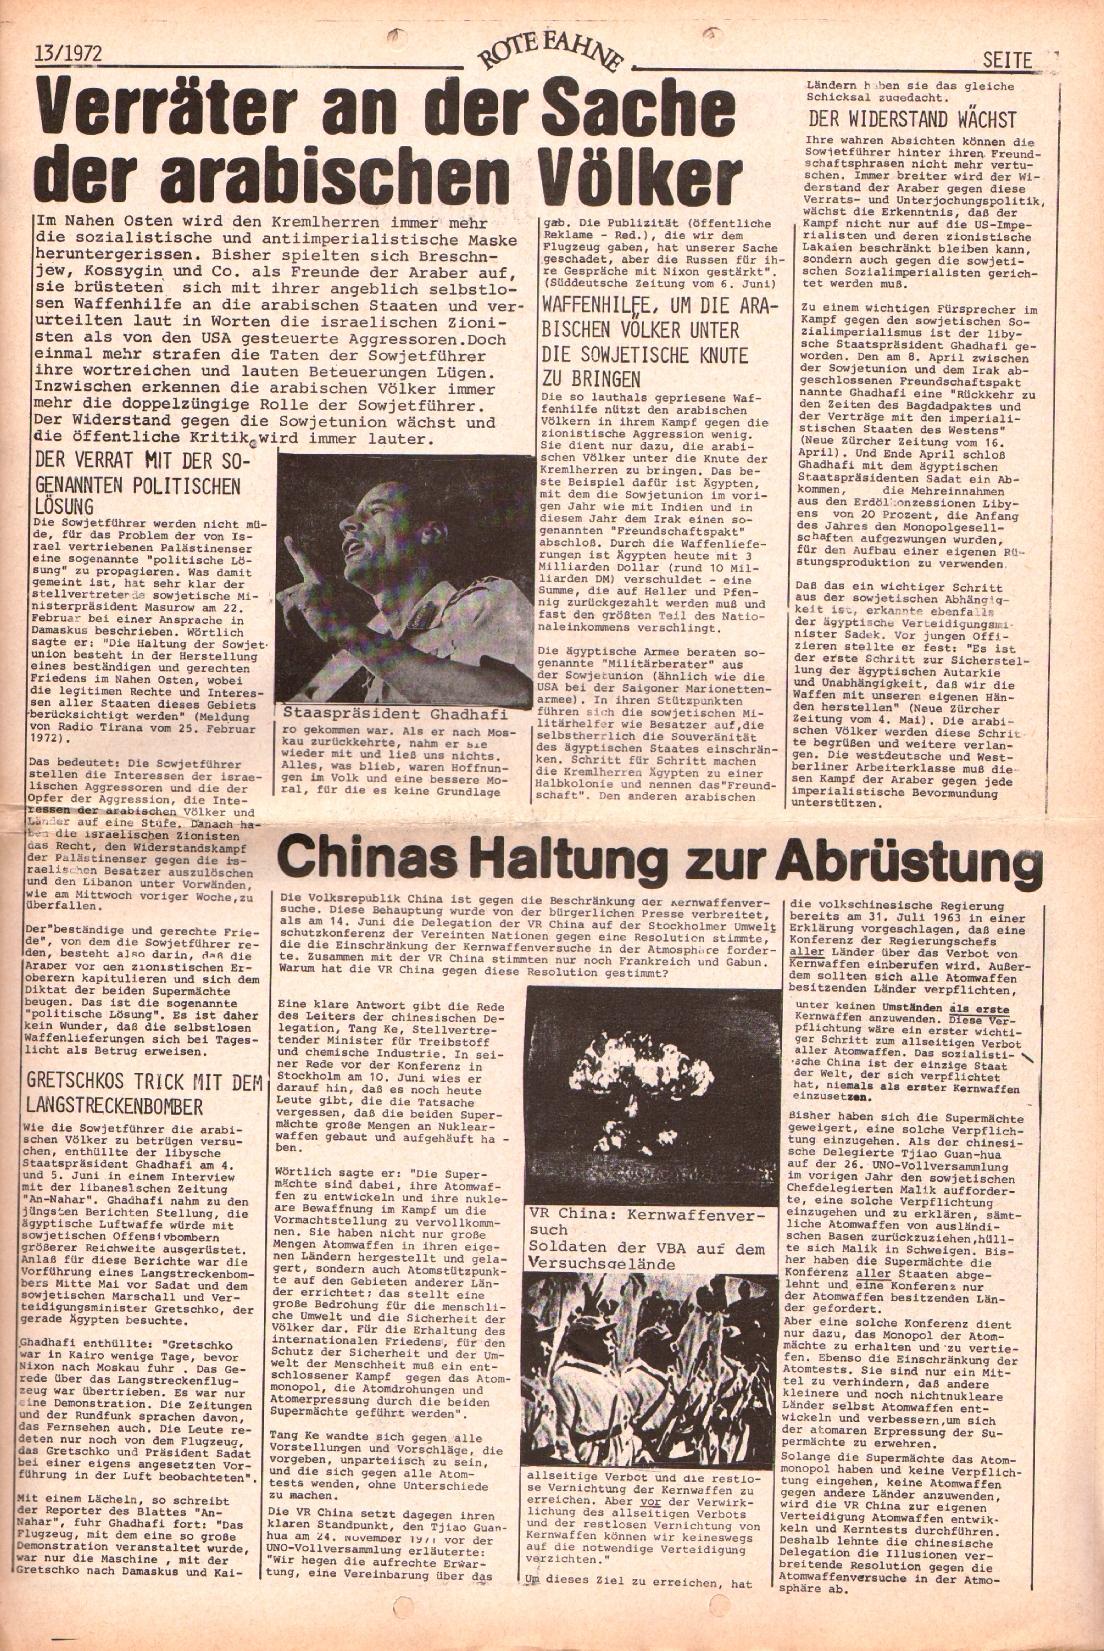 Rote Fahne, 3. Jg., 28.6.1972, Nr. 13, Seite 11